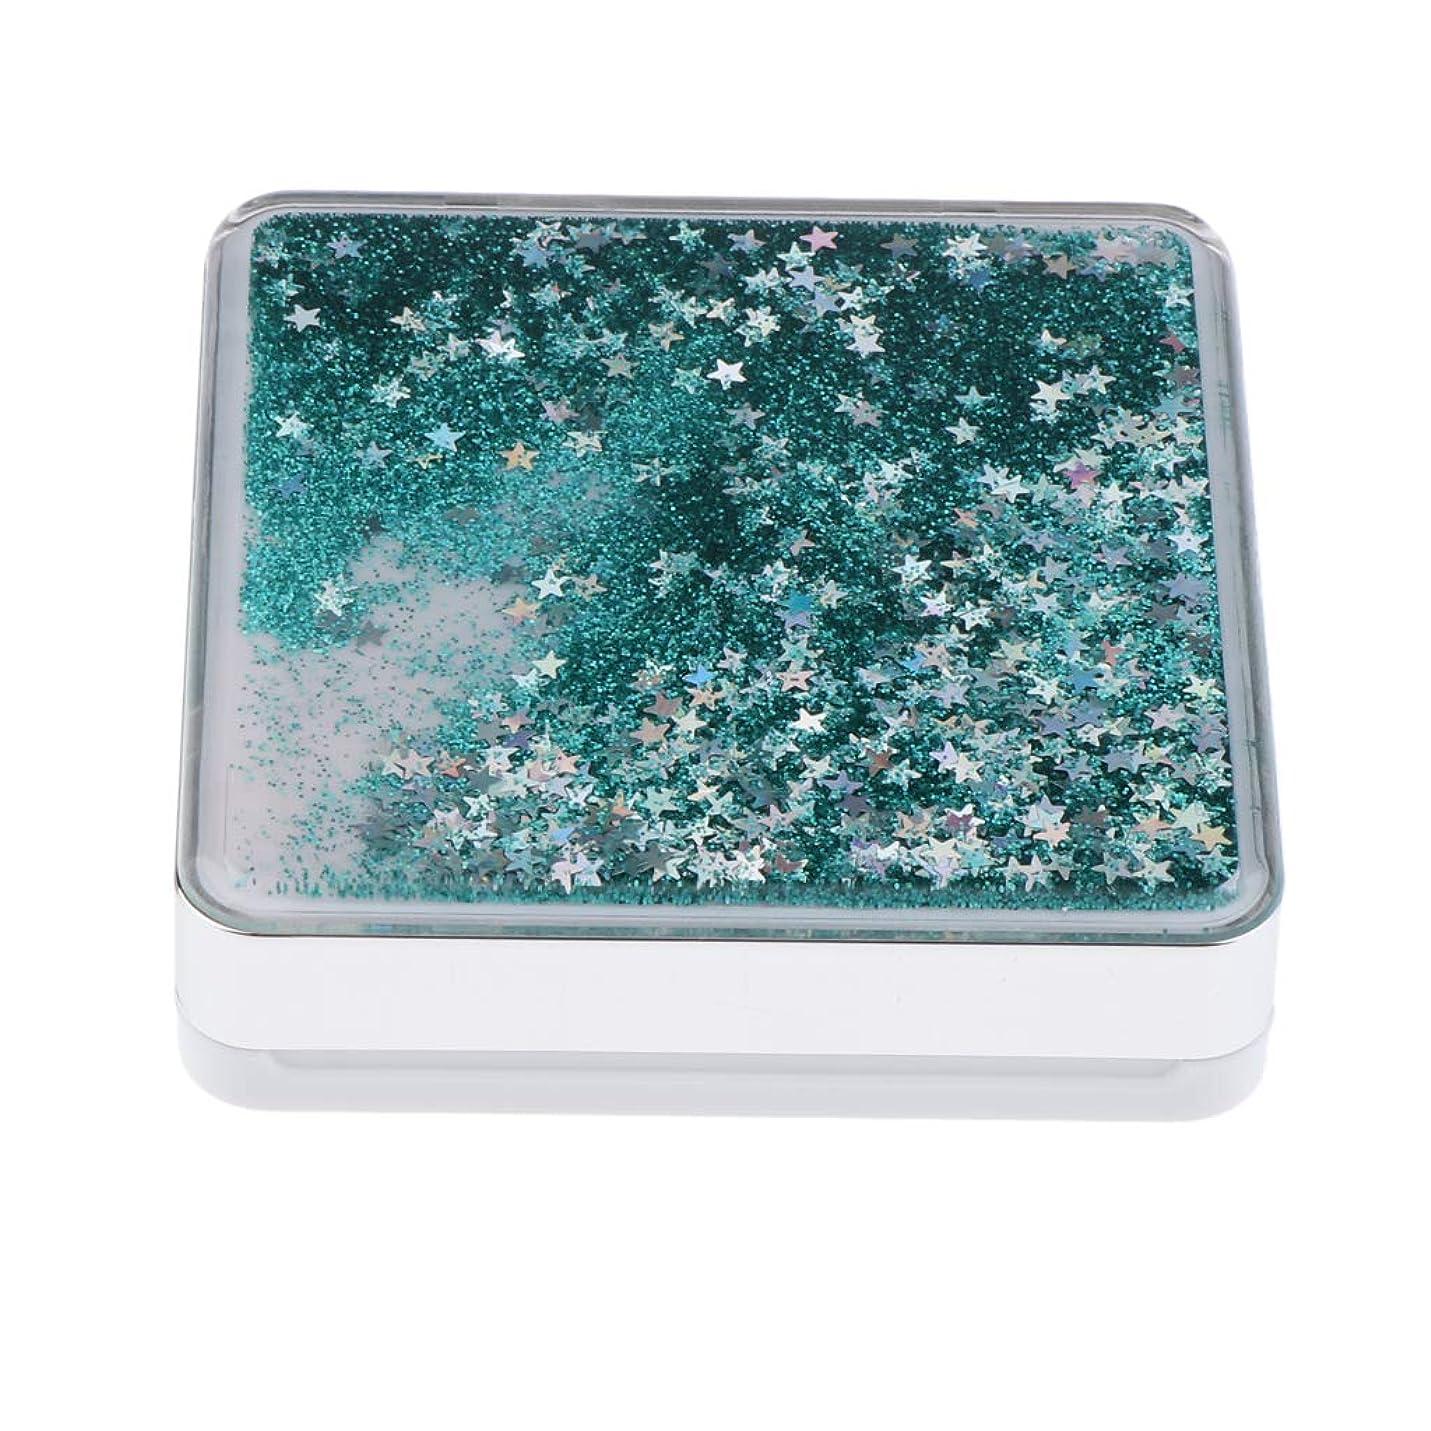 助けになる耐えられる余分なB Baosity エアクッションケース パフ 化粧鏡 ミラー付き コンパクト 旅行小物 化粧品ケース 3色選べ - 緑